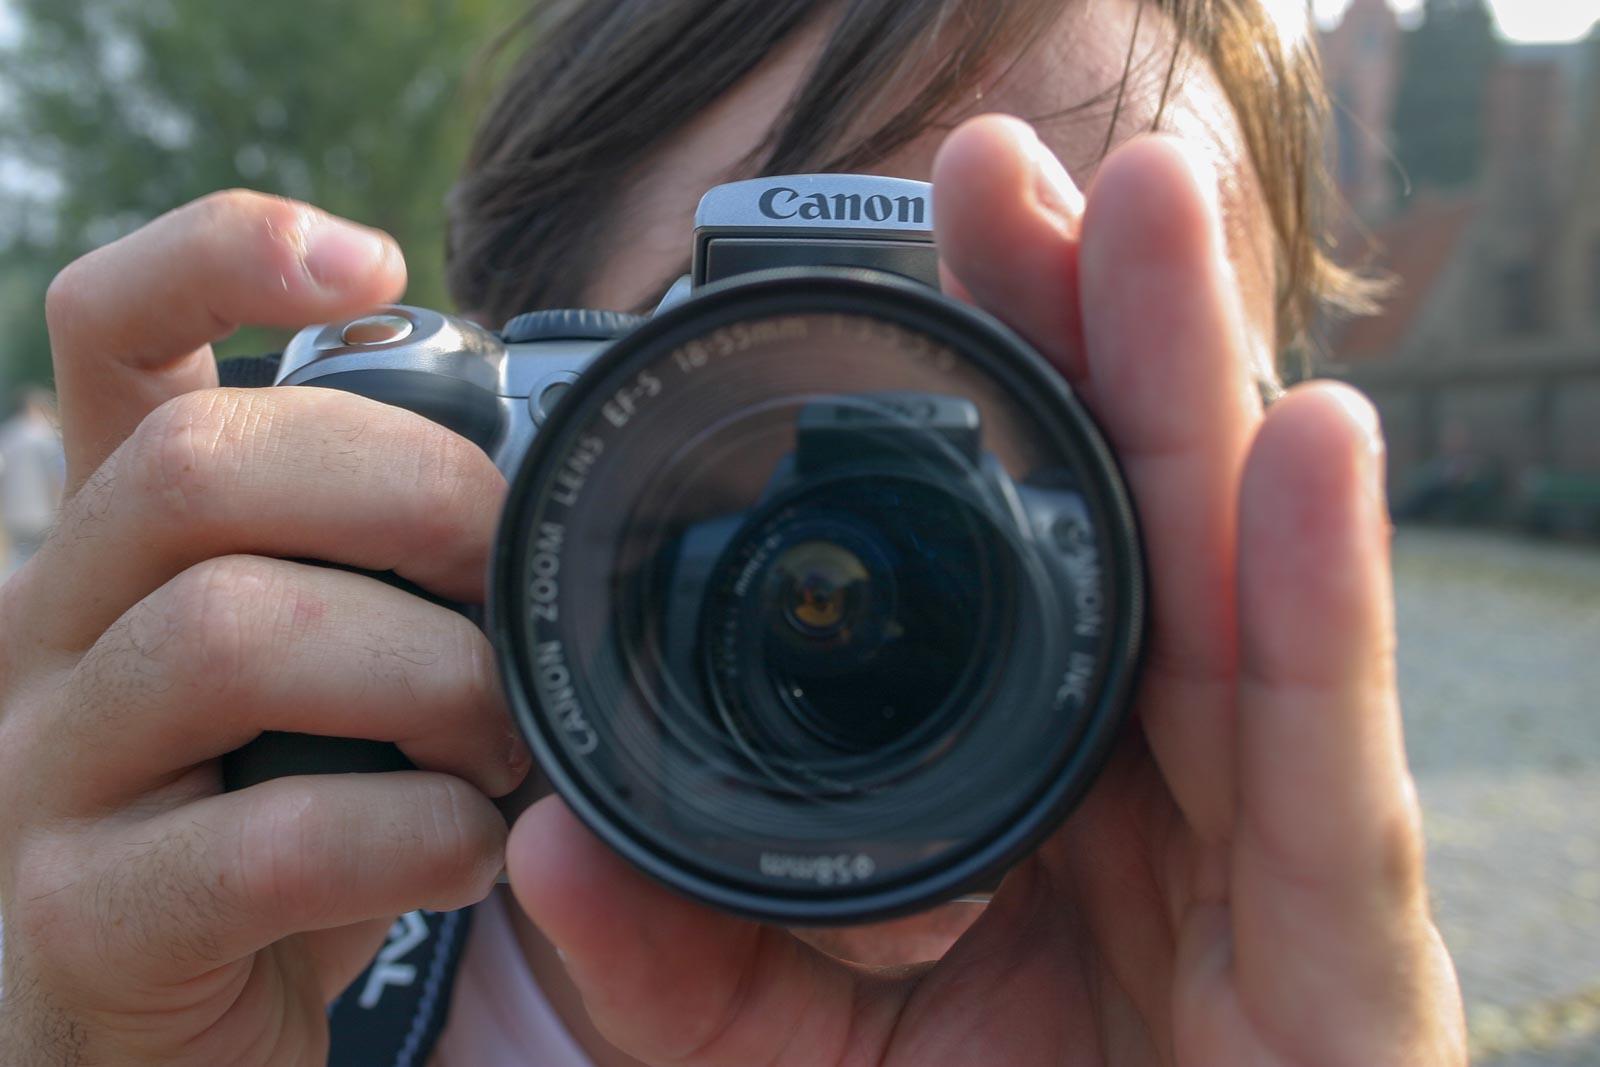 Fotograaf die aan het fotograferen is